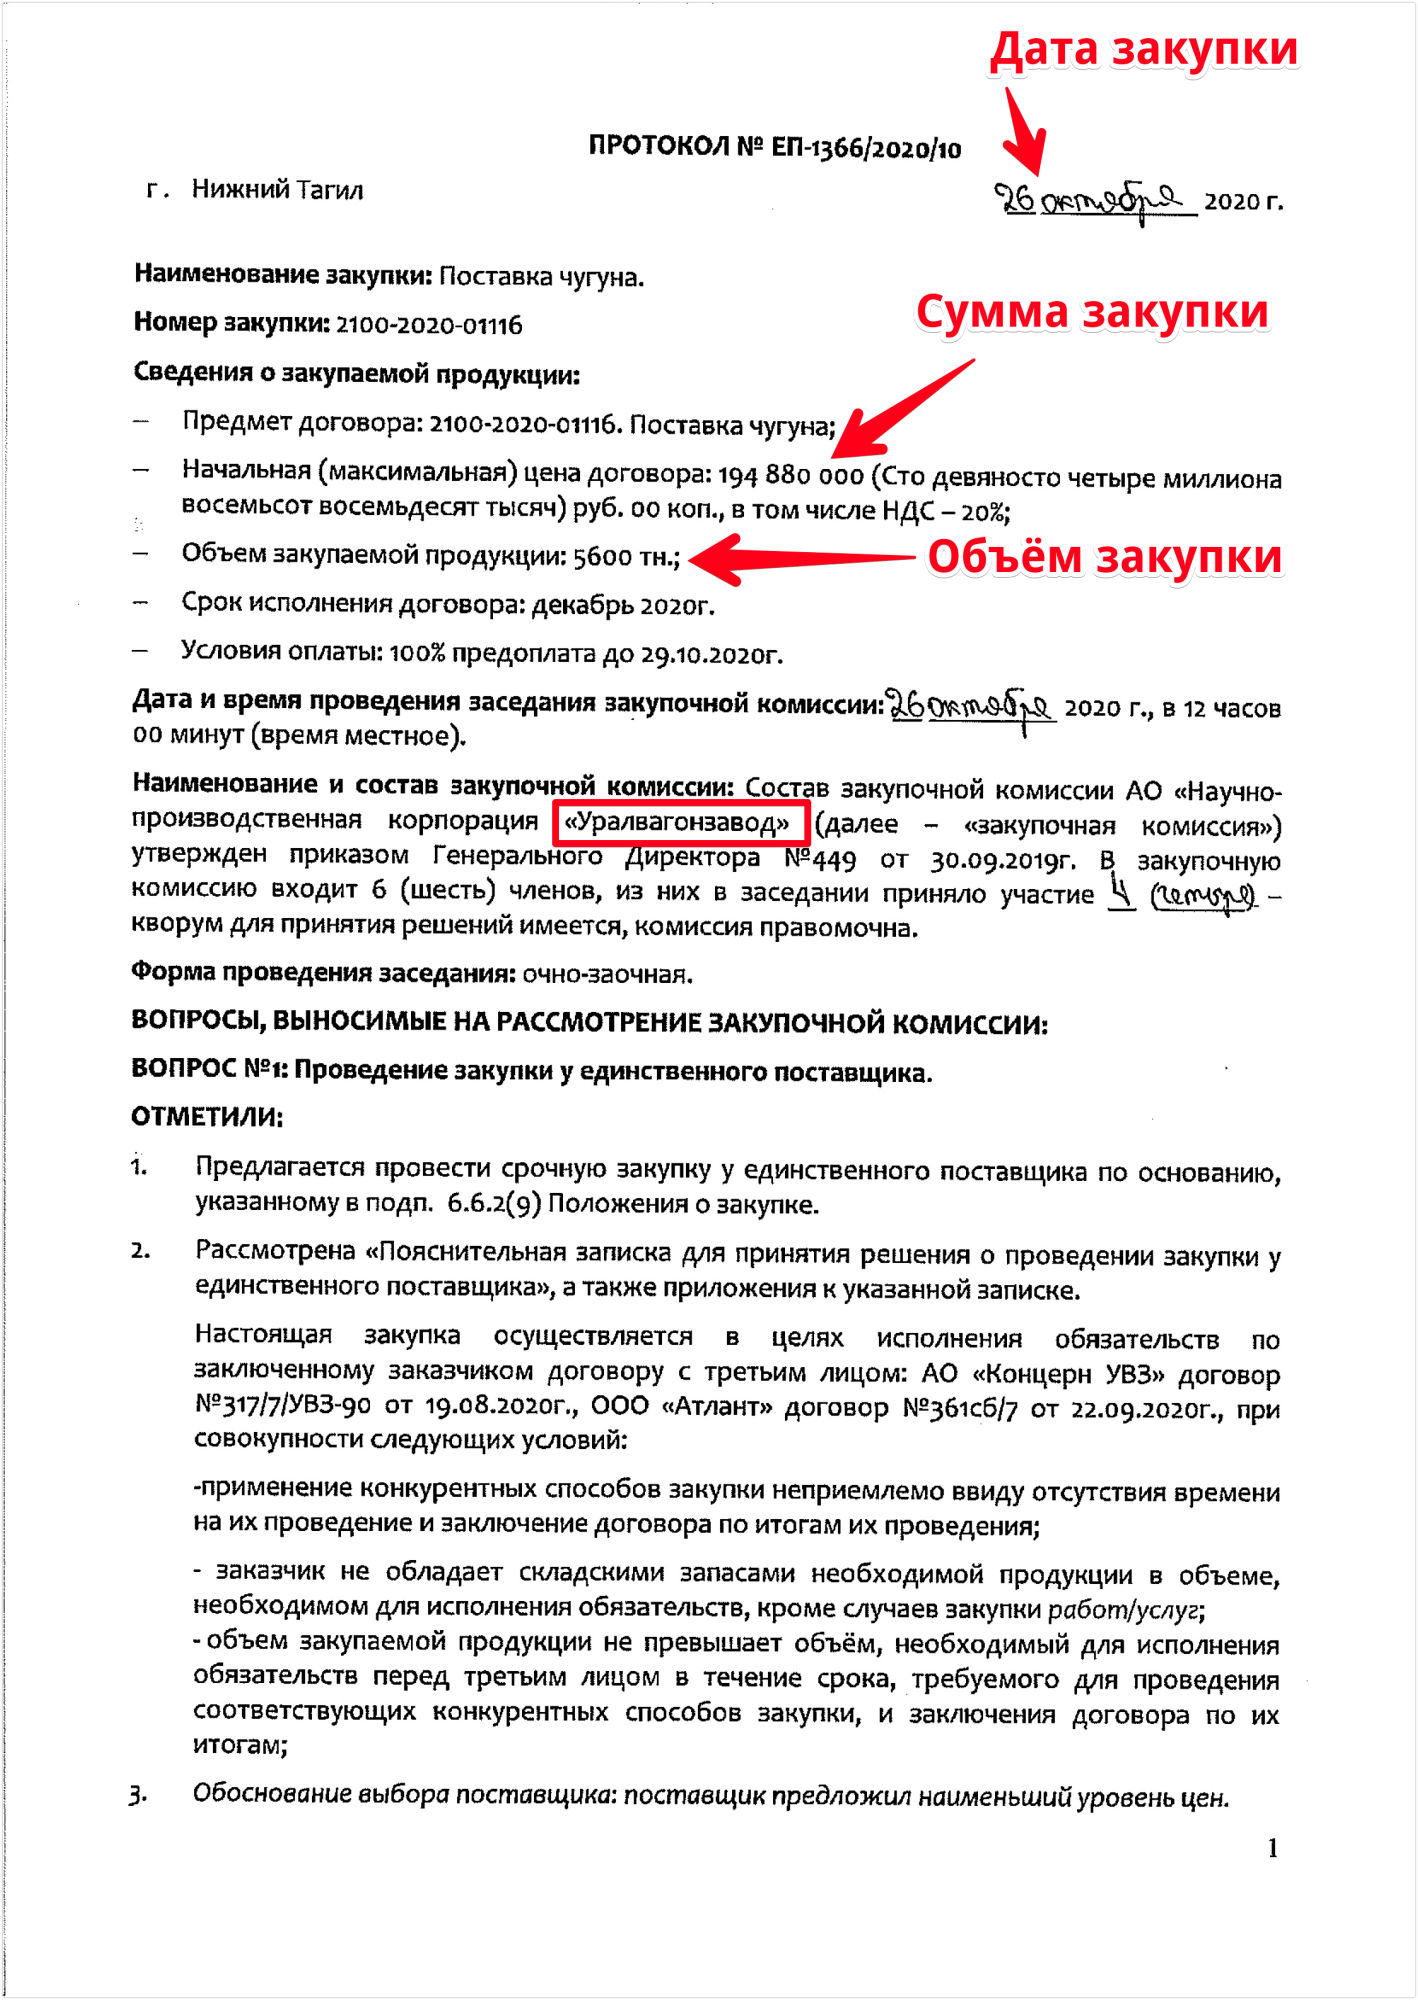 Закупка чугуна передельного НПК «Уралвагонзавод»